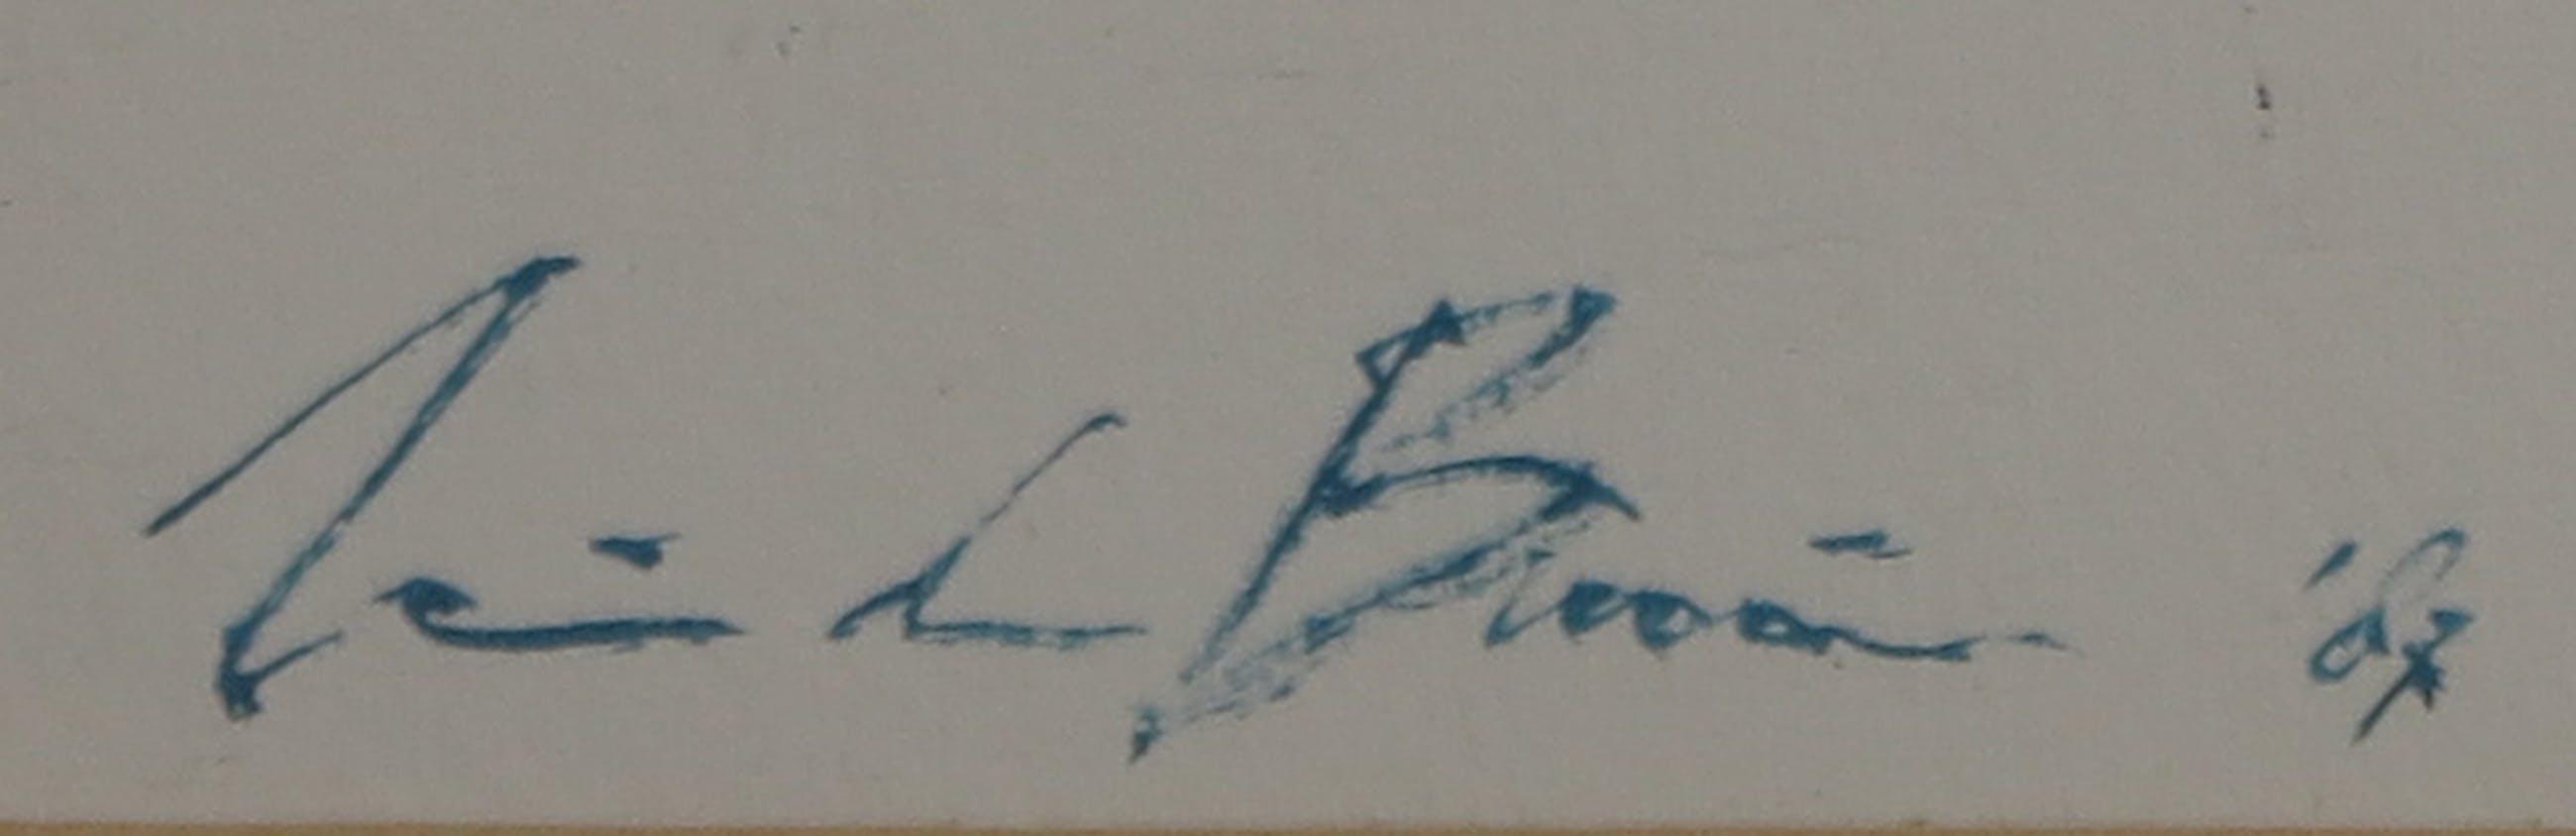 Wim de Bruin - Acryl op papier, Abstract - Ingelijst kopen? Bied vanaf 1!